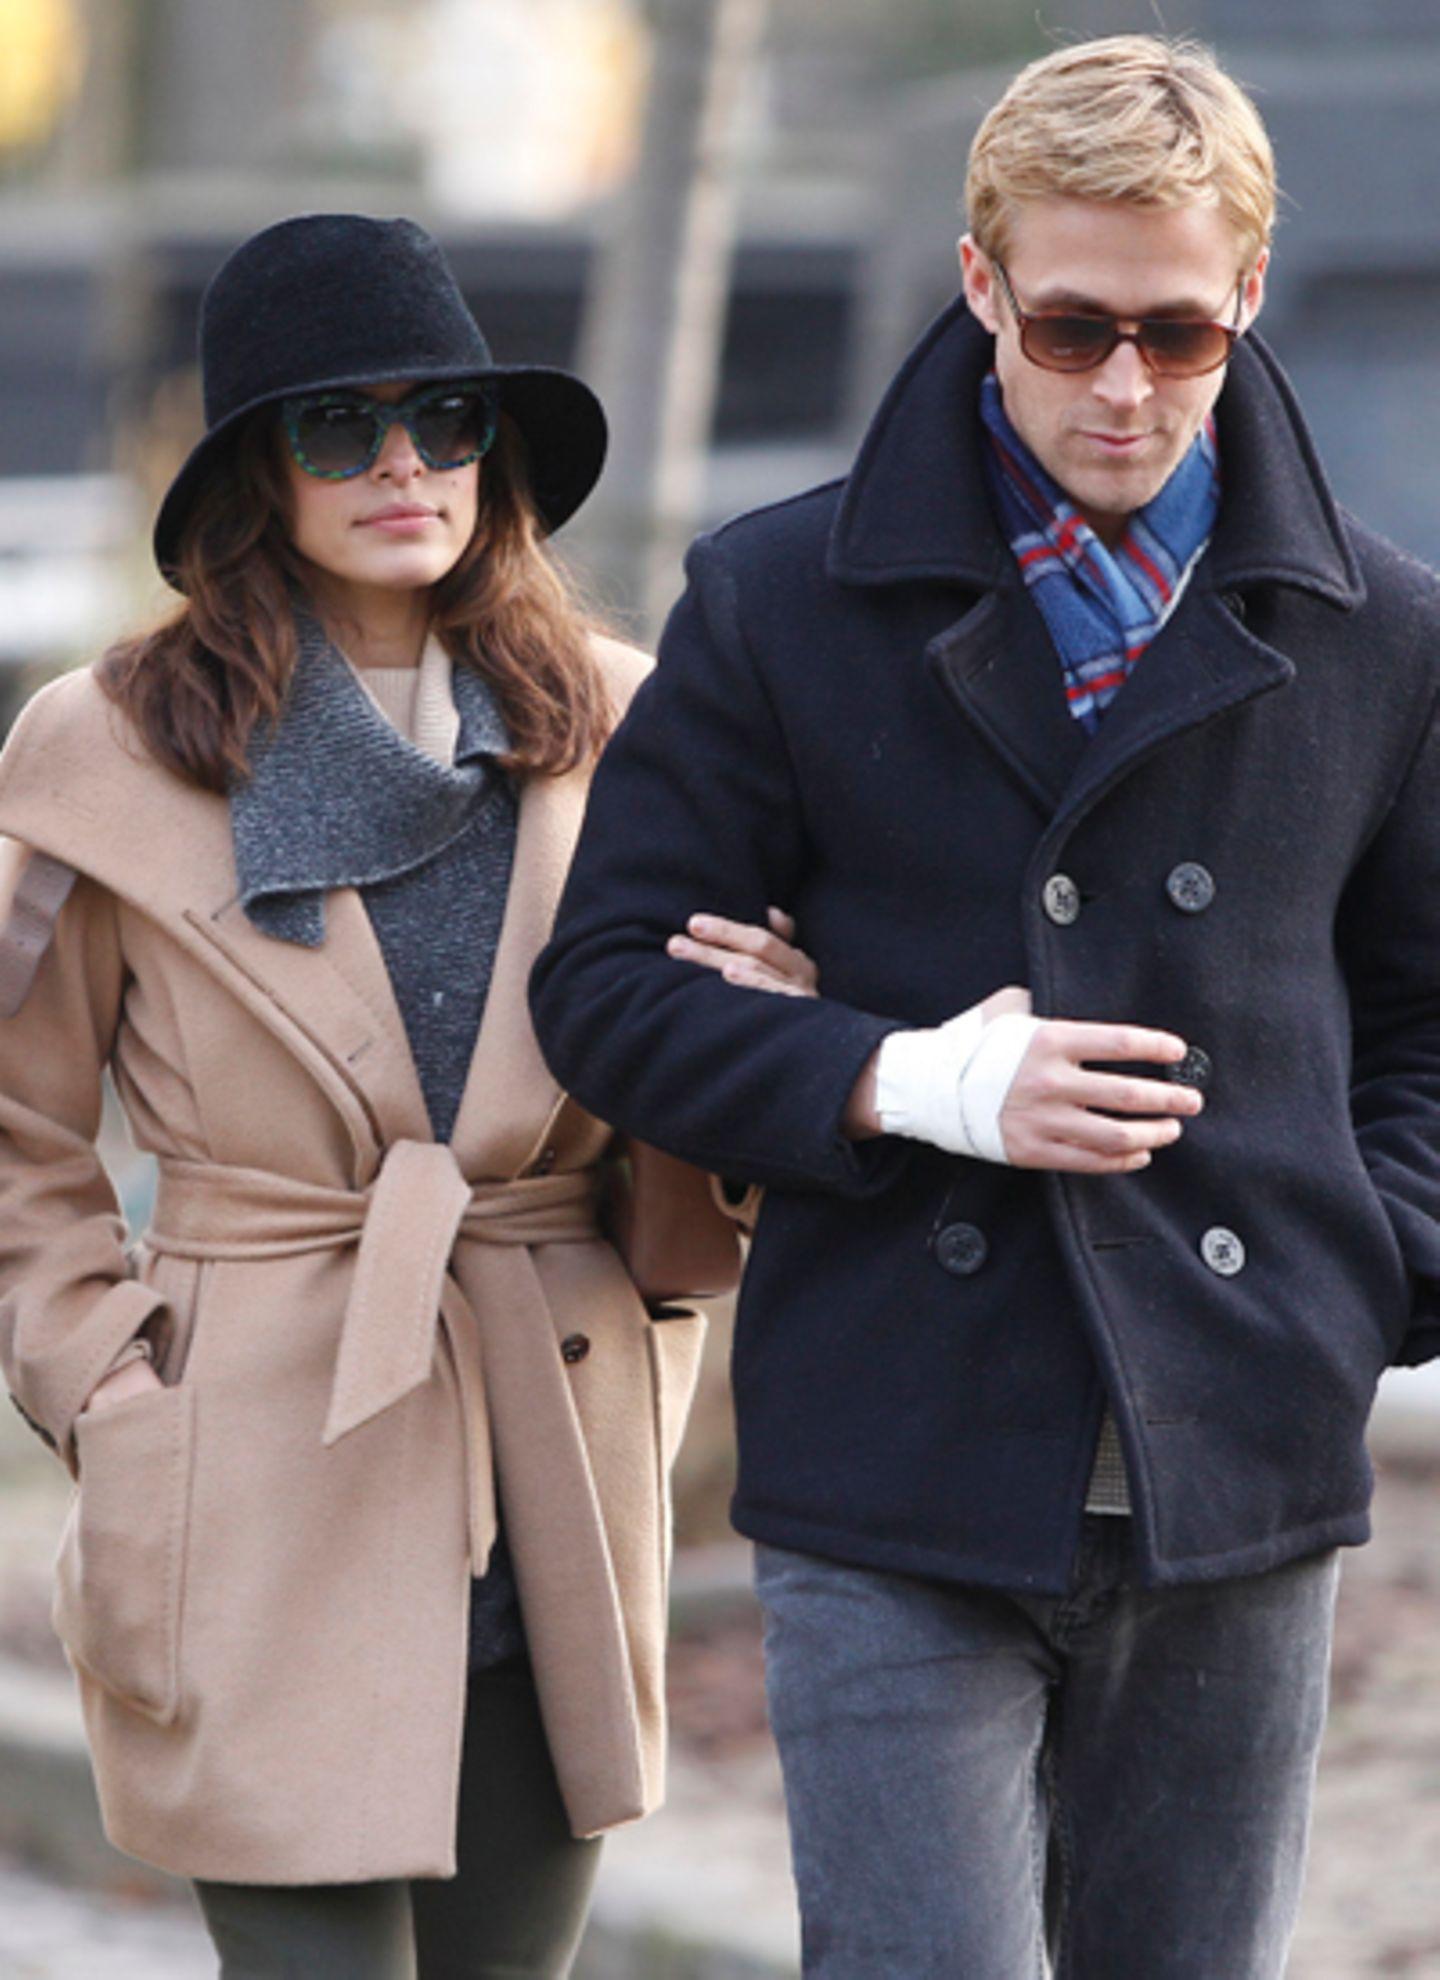 November 2011: Das Schauspielerpärchen Eva Mendes und Ryan Gosling flaniert durch Paris.